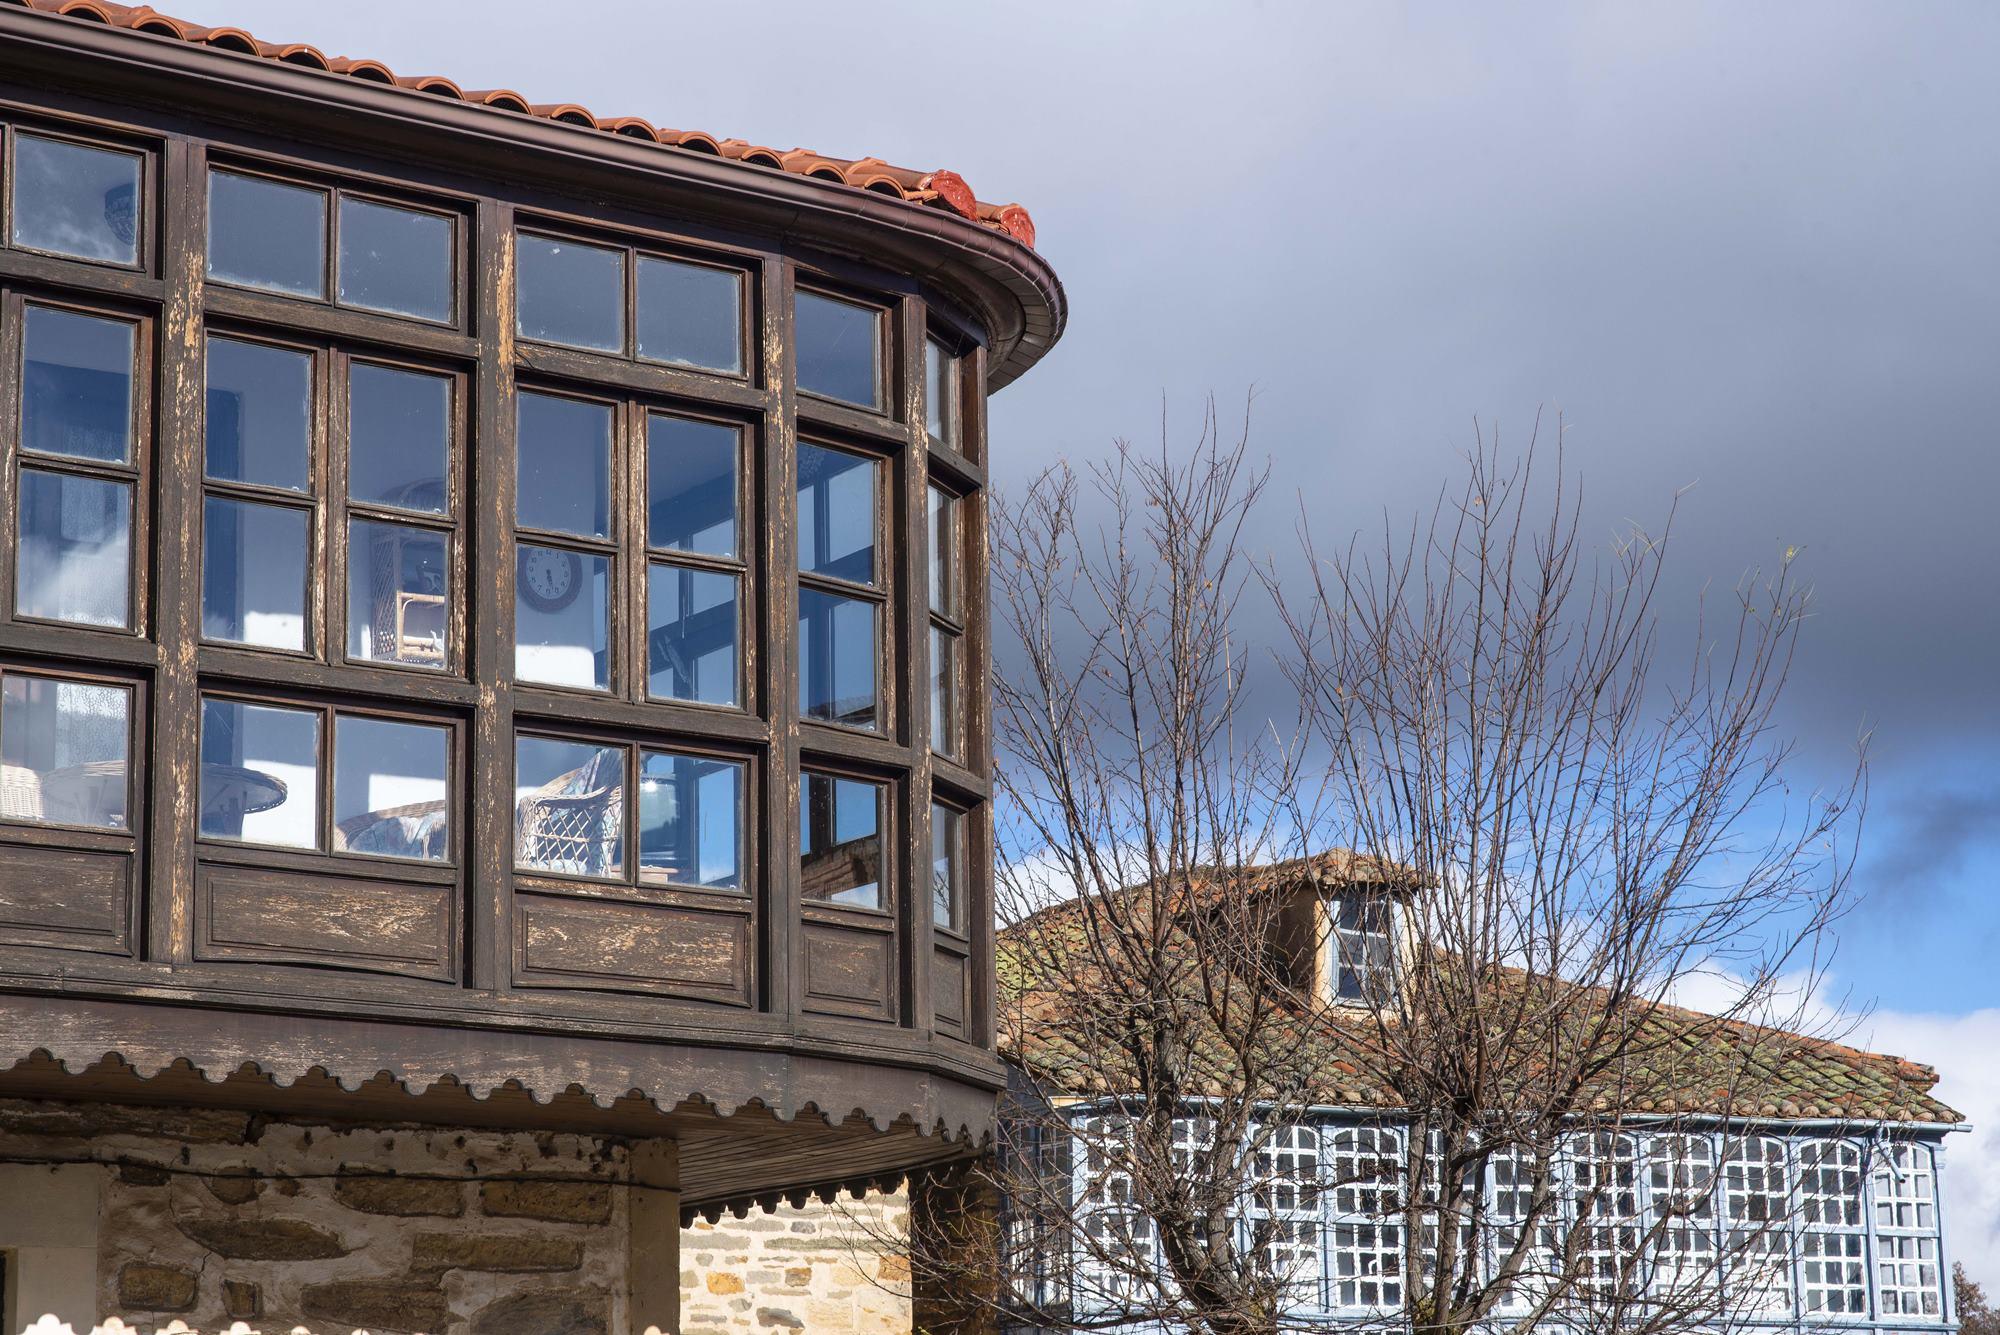 Las ricas fachadas hacen de Santa Colomba uno de los pueblos más atractivos de la comarca.